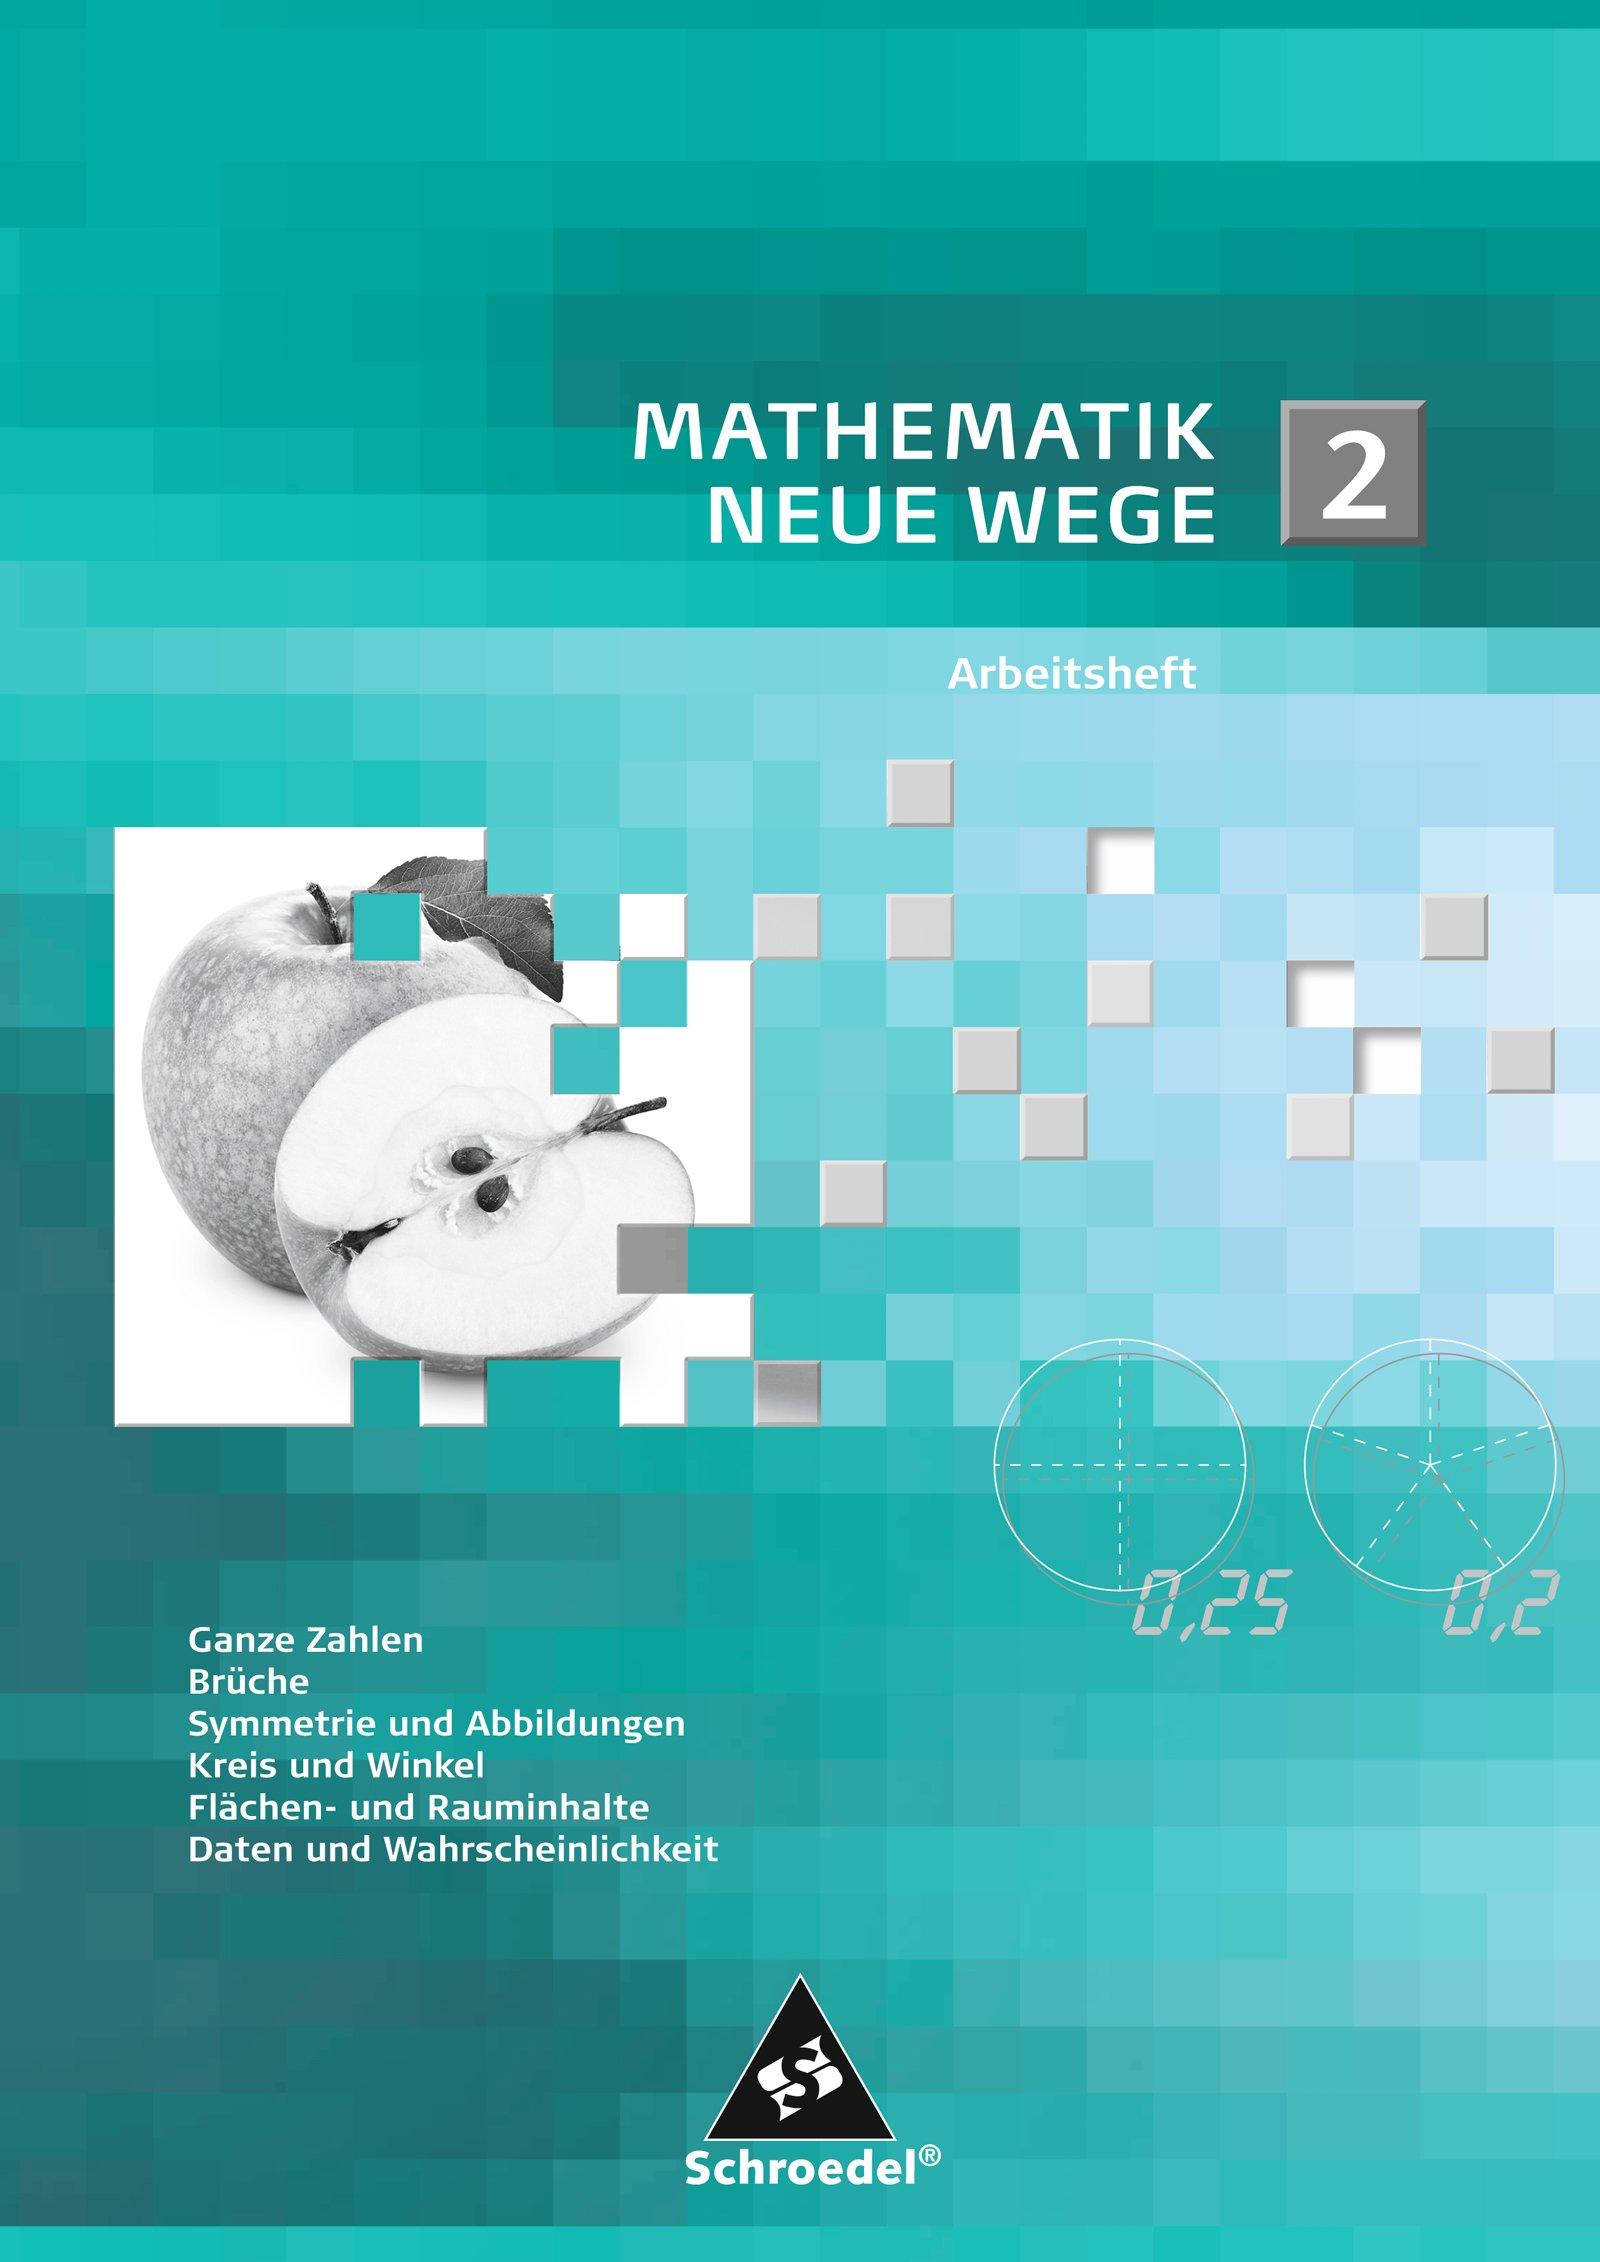 Mathematik Neue Wege SI: Arbeitsheft 2